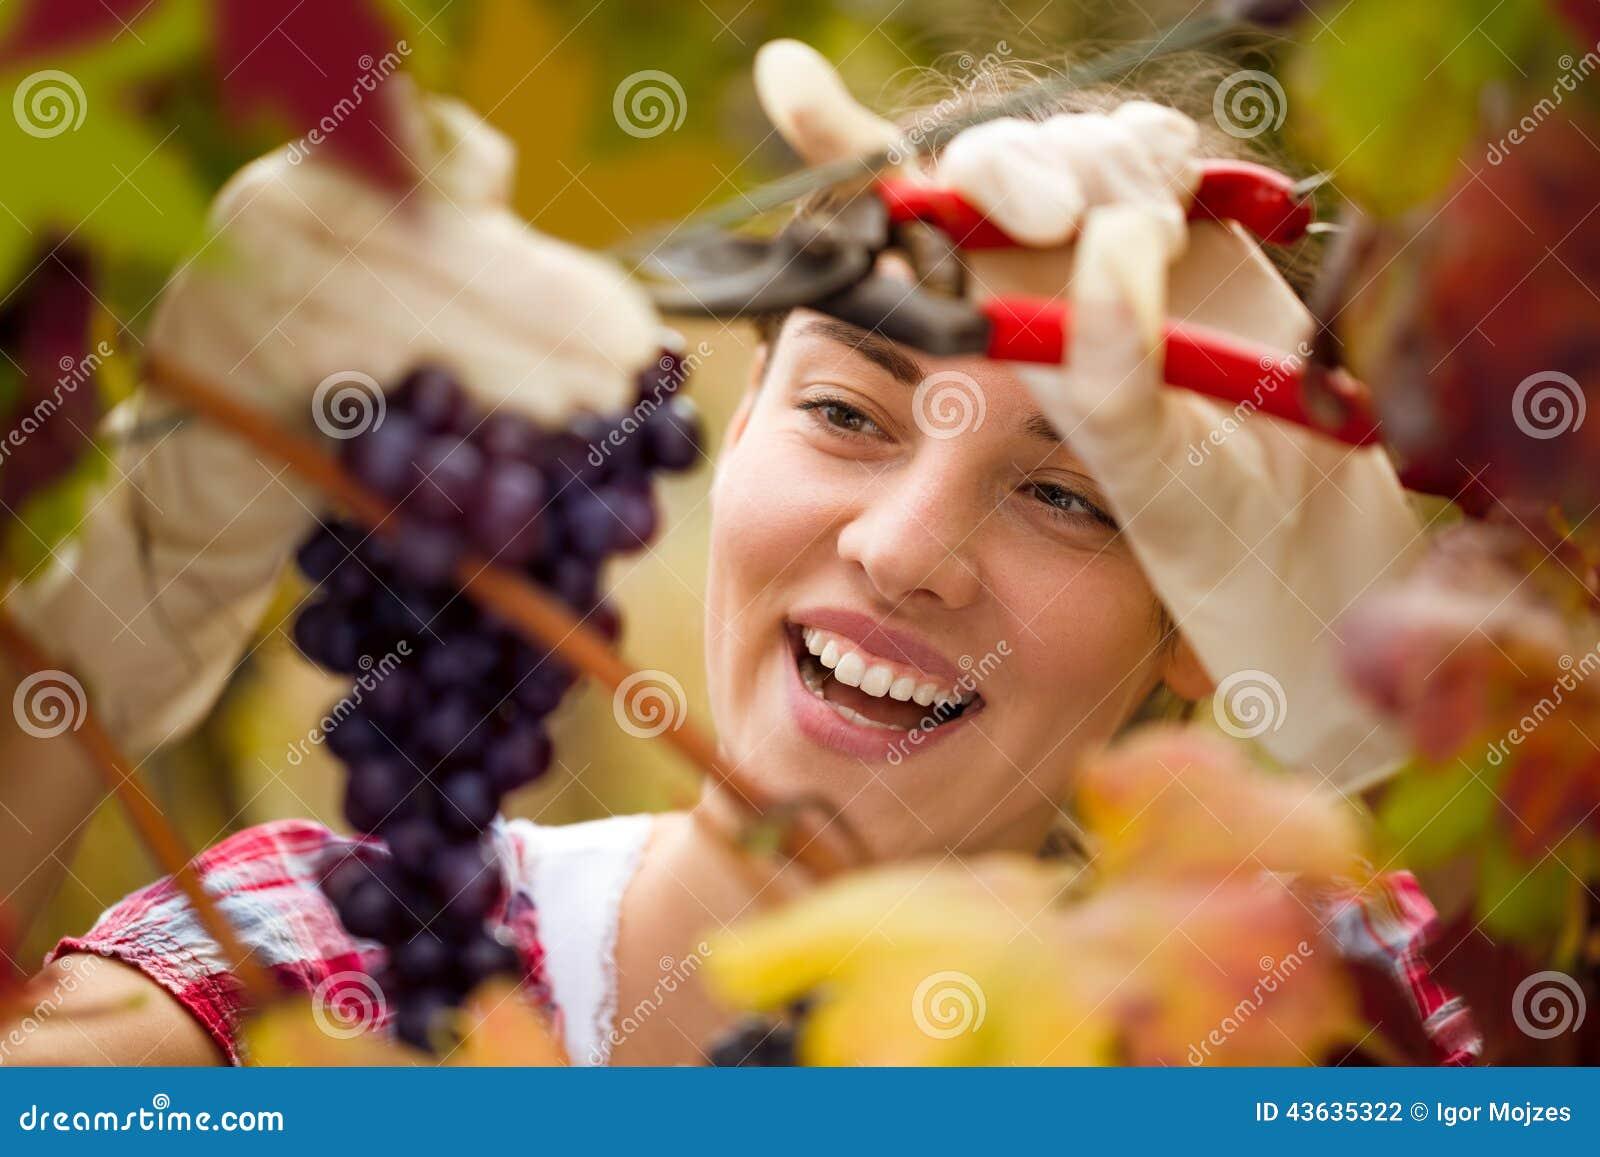 Uśmiechnięta śliczna kobieta zbiera winogrona